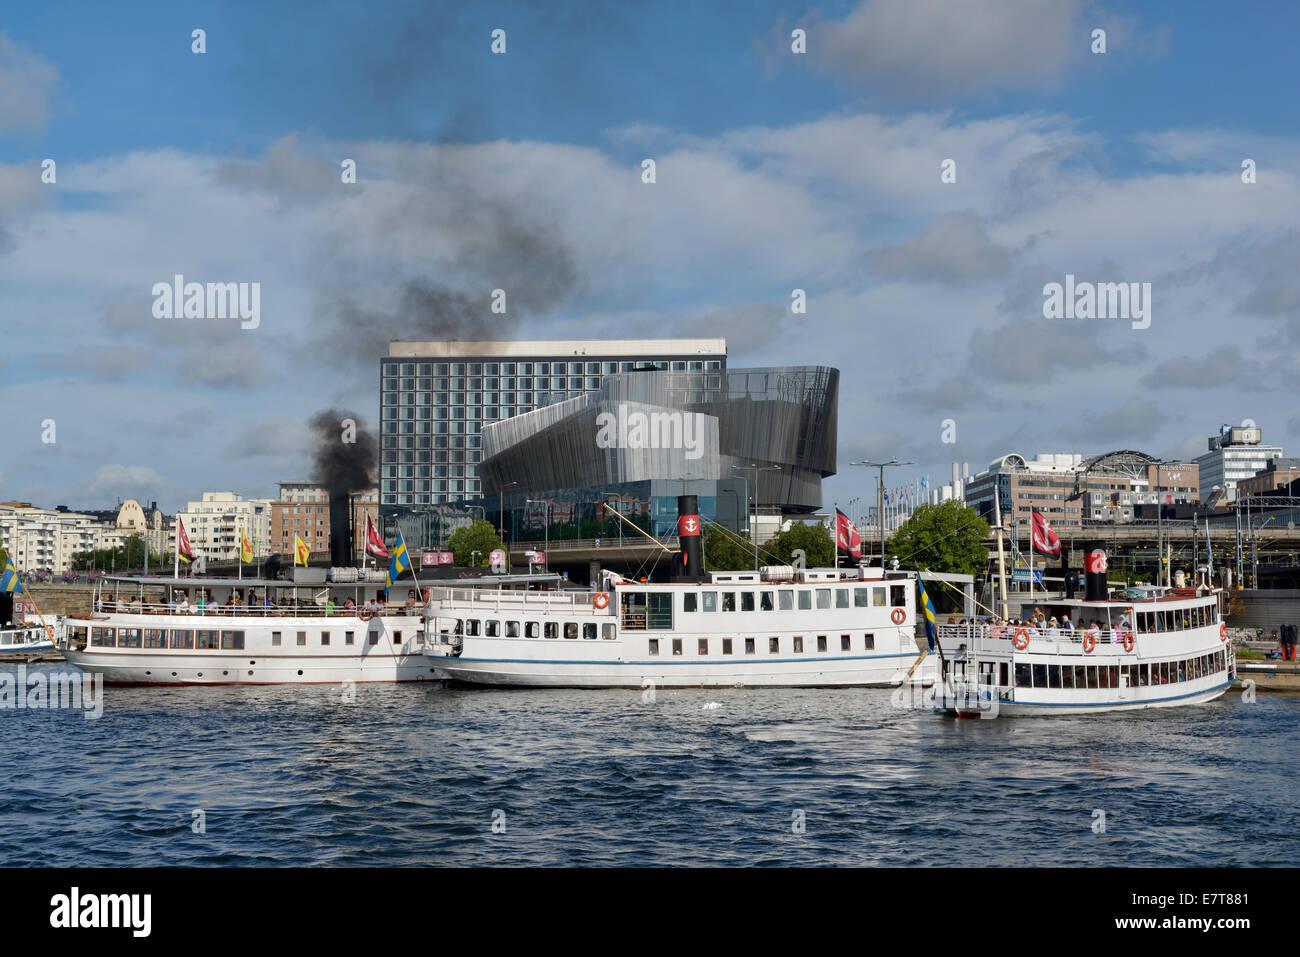 Stockholm Waterfront,  Stockholm, Sweden 140810_61872 - Stock Image